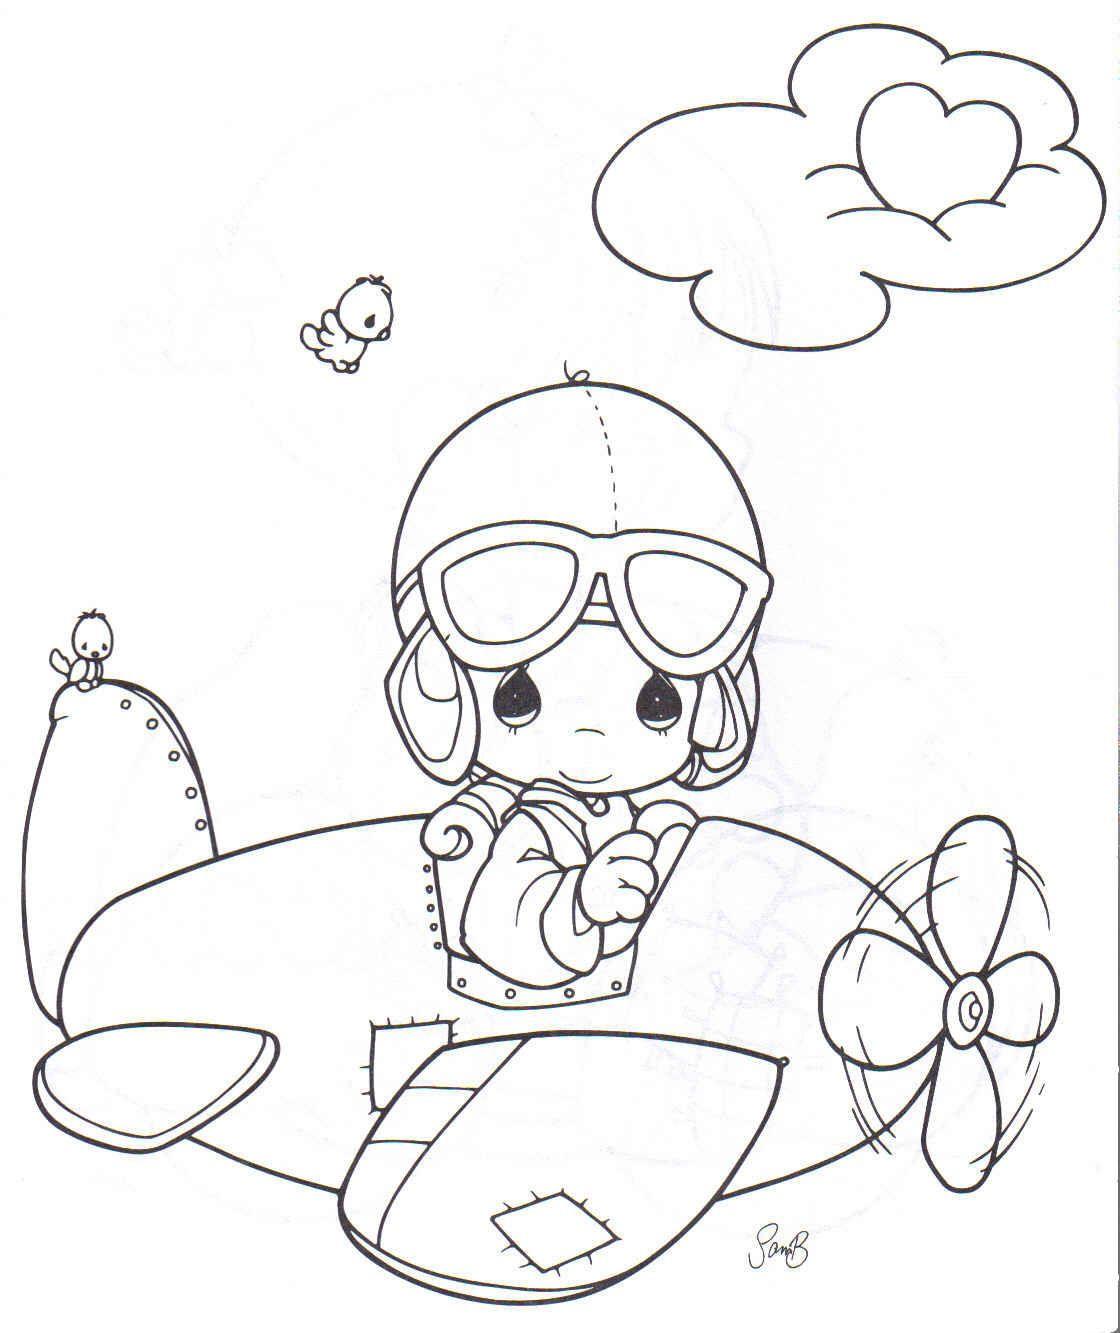 Espaco Educar Desenhos Pintar Colorir Imprimir Letra A Aviao